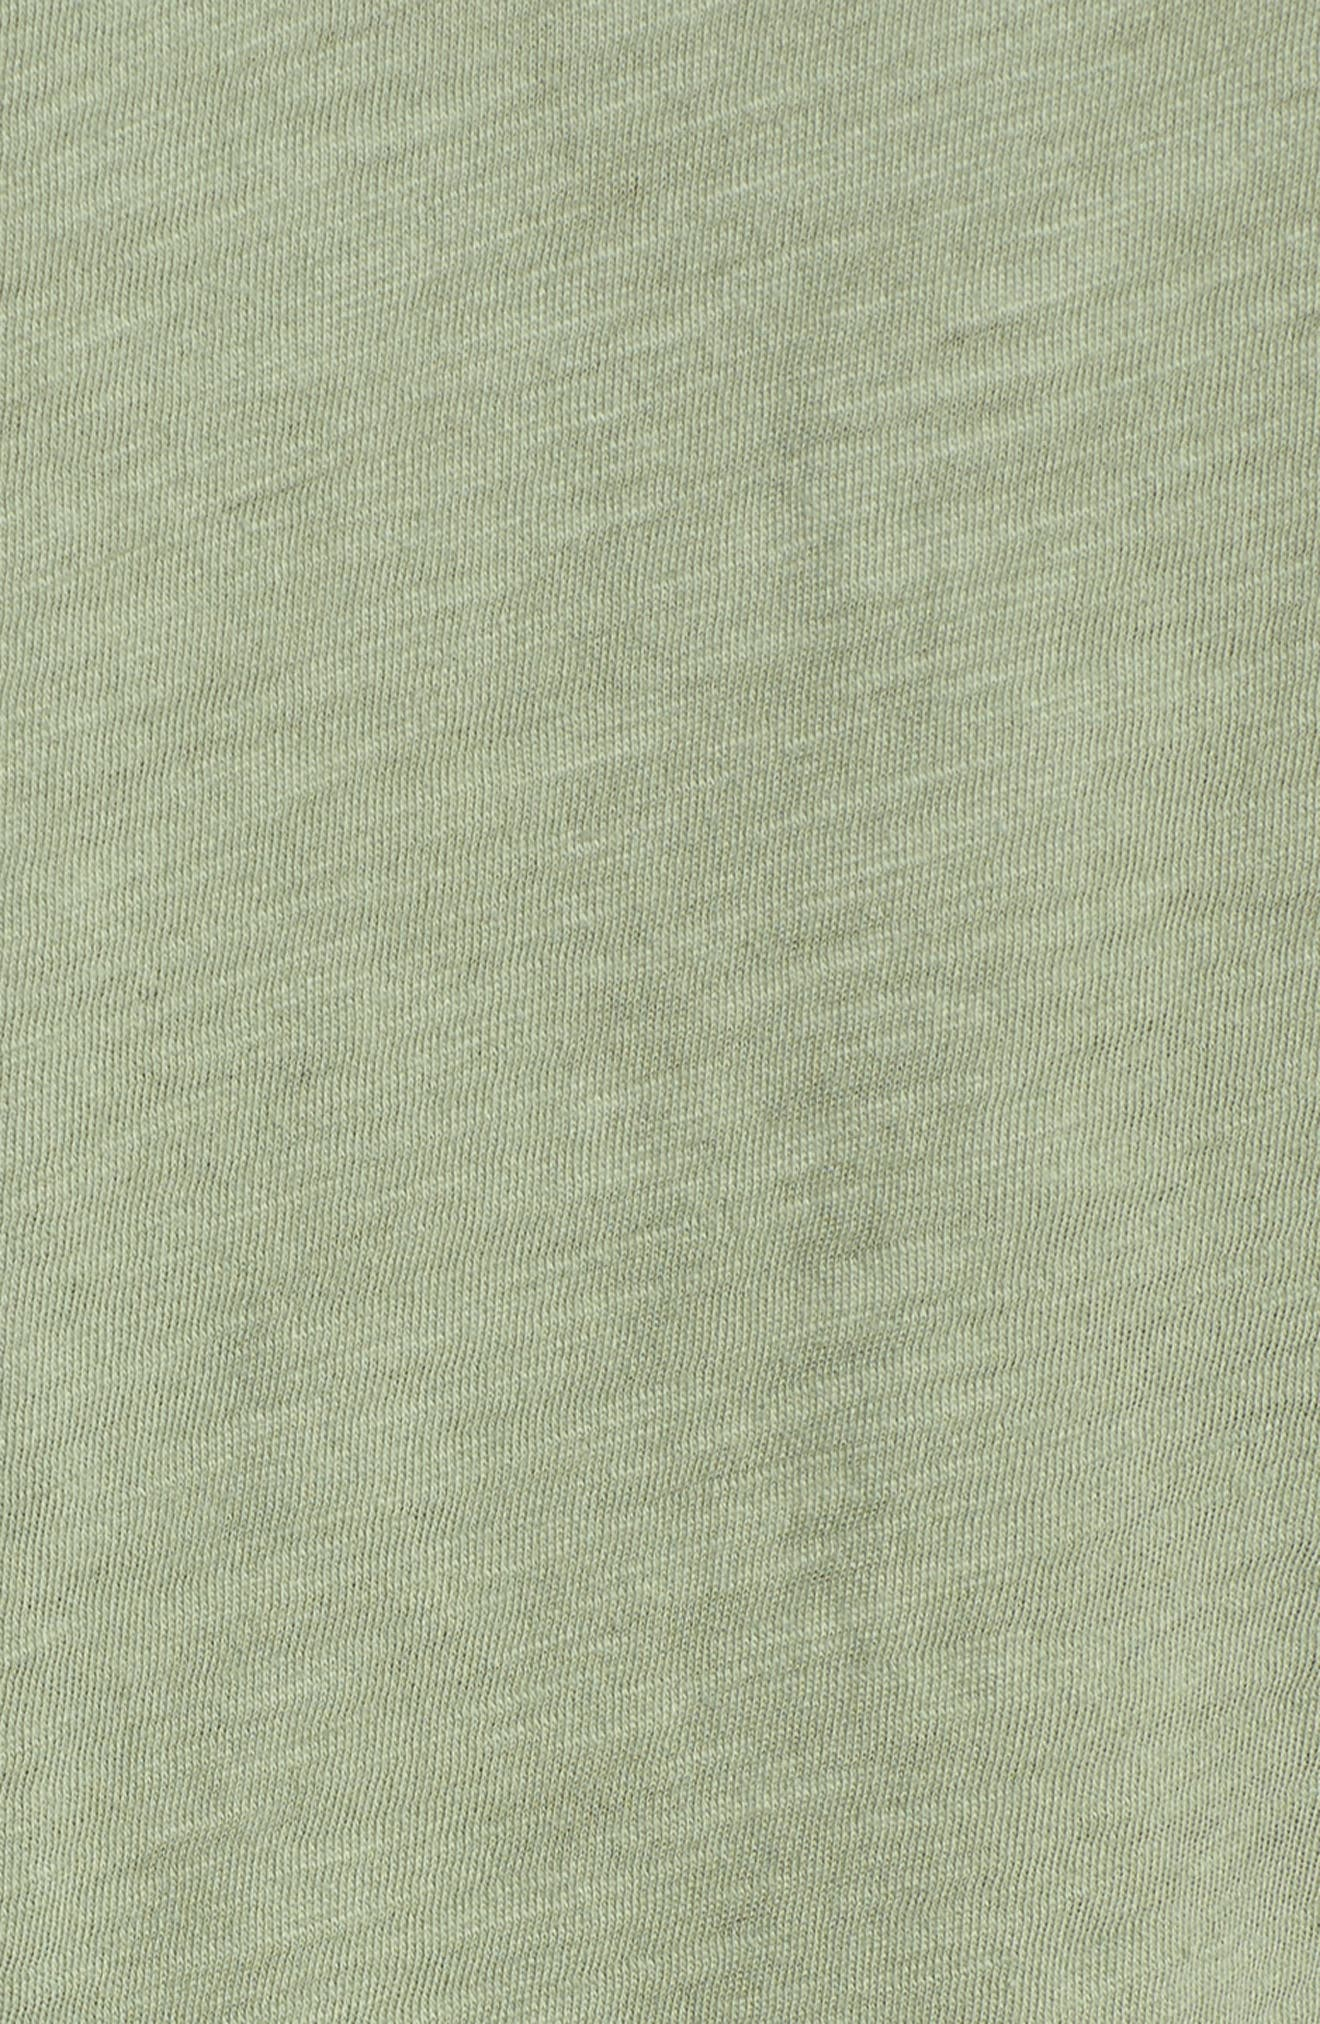 Whisper Cotton Tank,                             Alternate thumbnail 21, color,